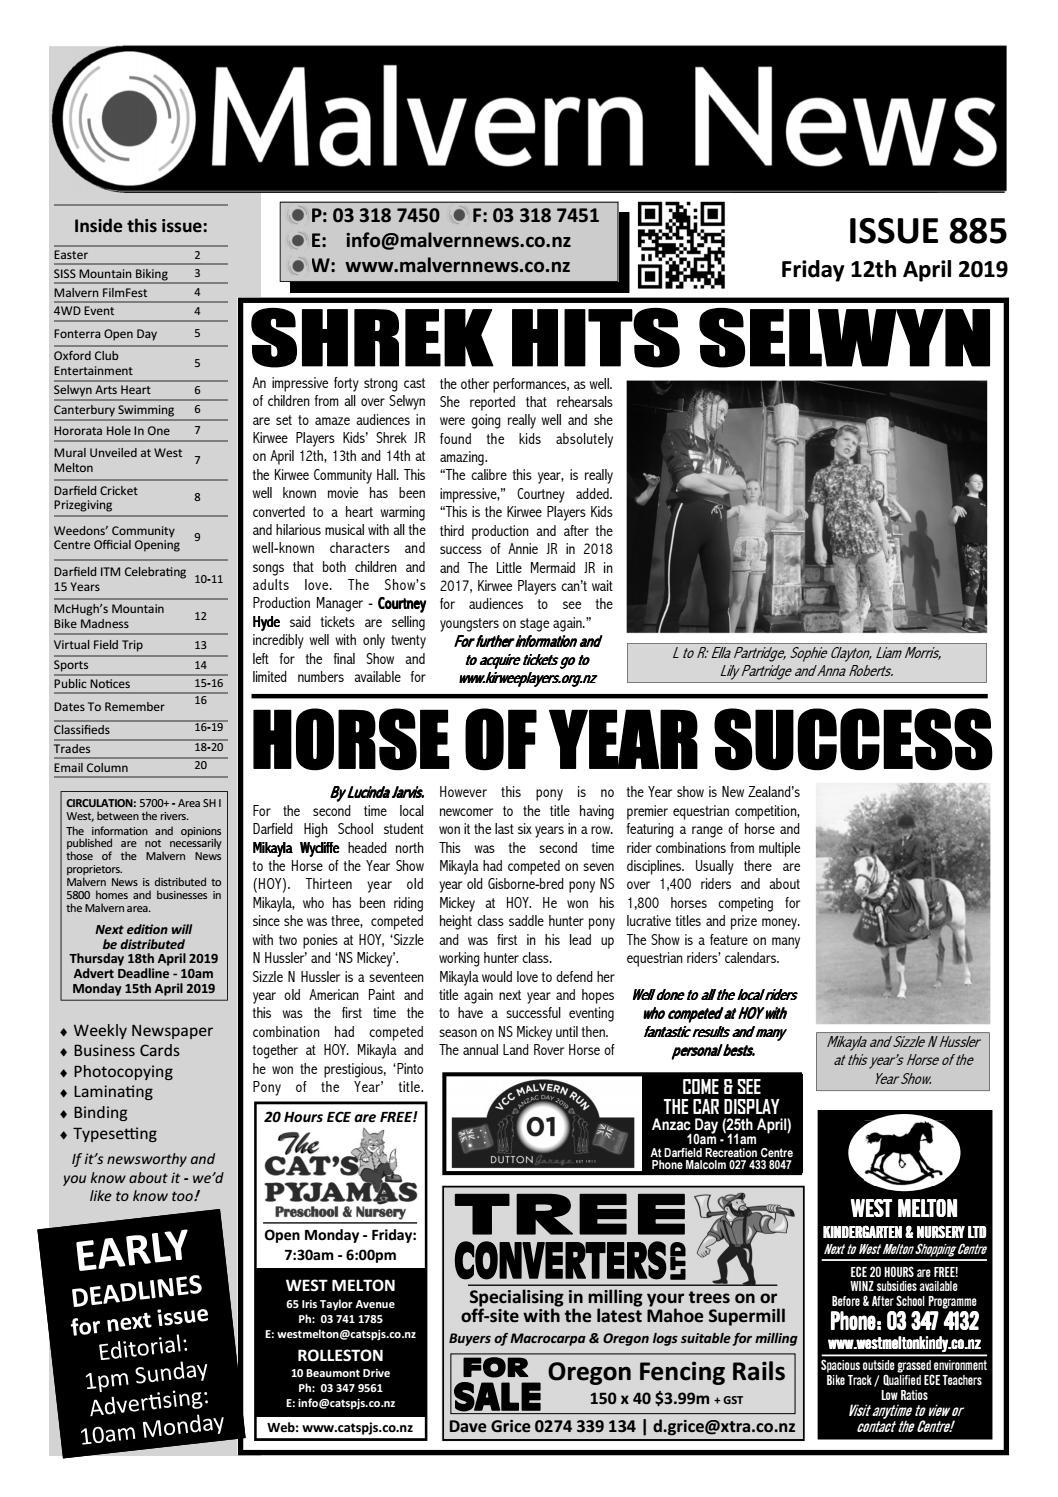 ada65ebf76e Issue 885 - Friday 12th April 2019 by Malvern News - issuu